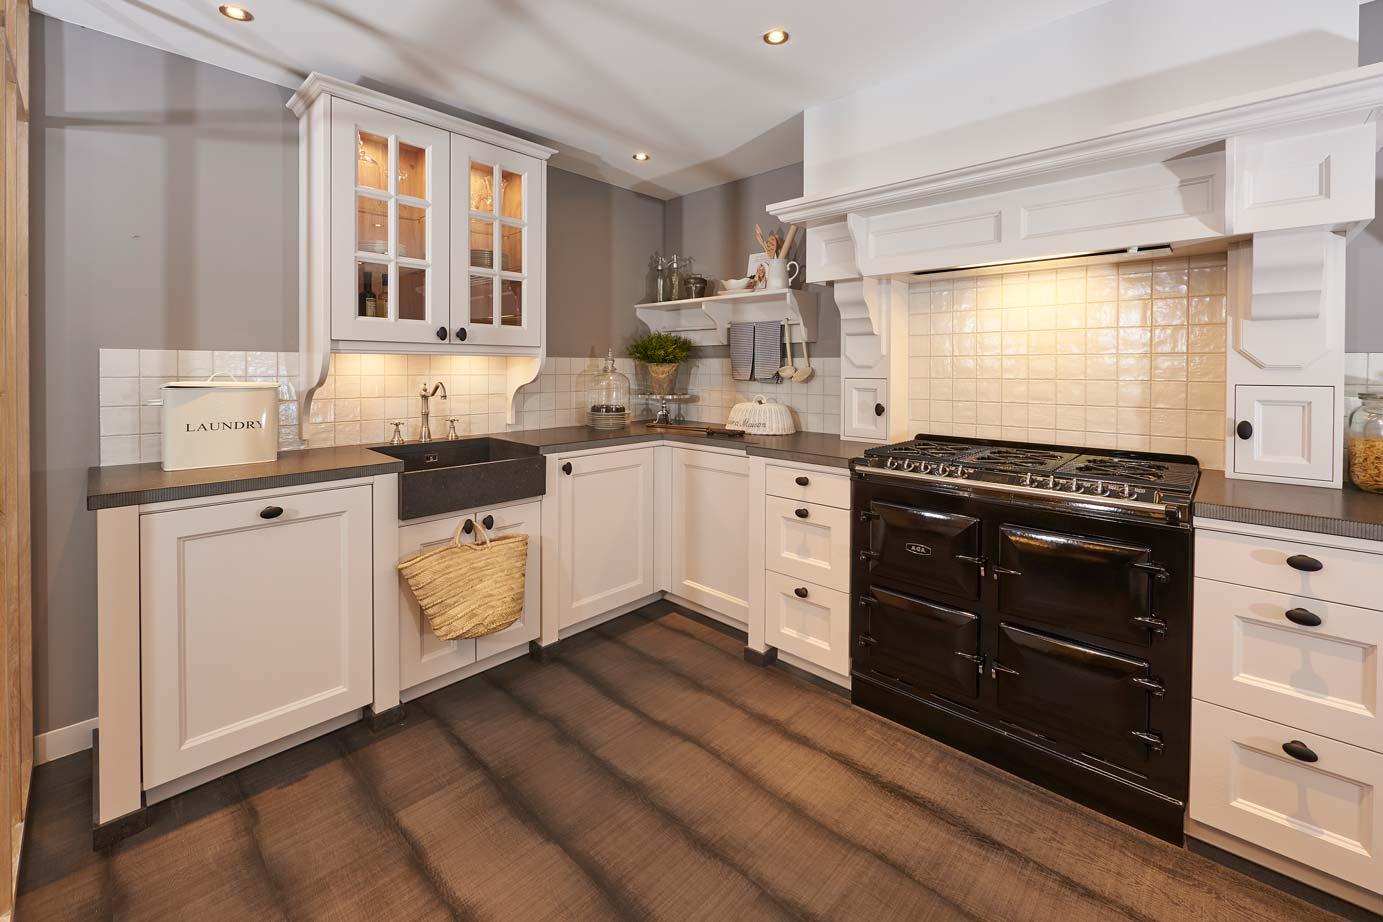 Fornuis Keuken Landelijk : Luxe landelijke keuken op maat gemaakt met aga fornuis db keukens